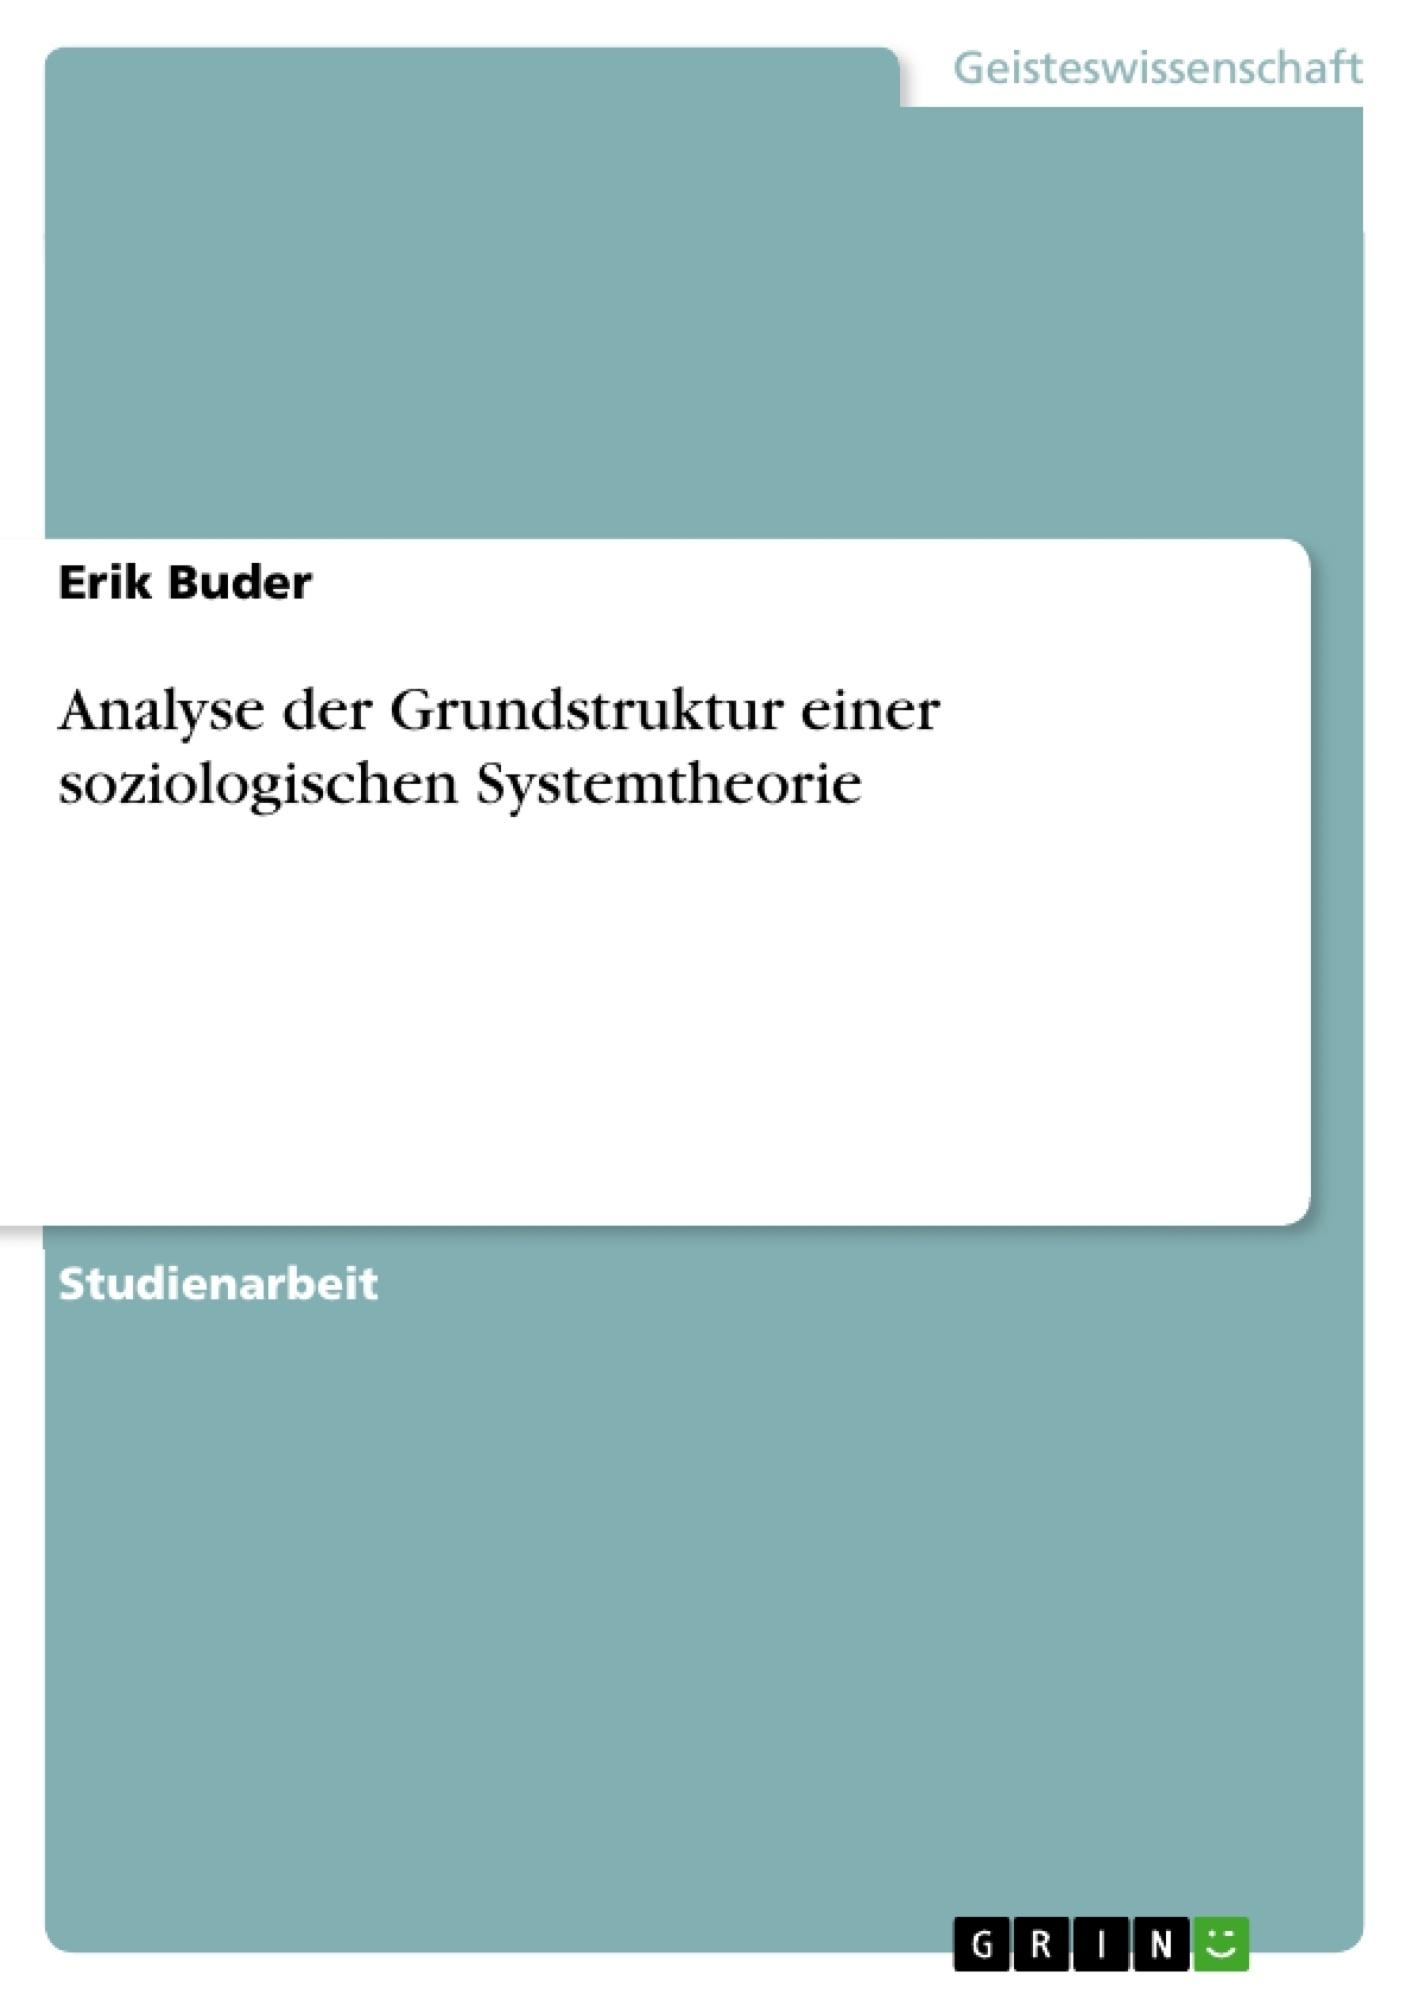 Titel: Analyse der Grundstruktur einer soziologischen Systemtheorie